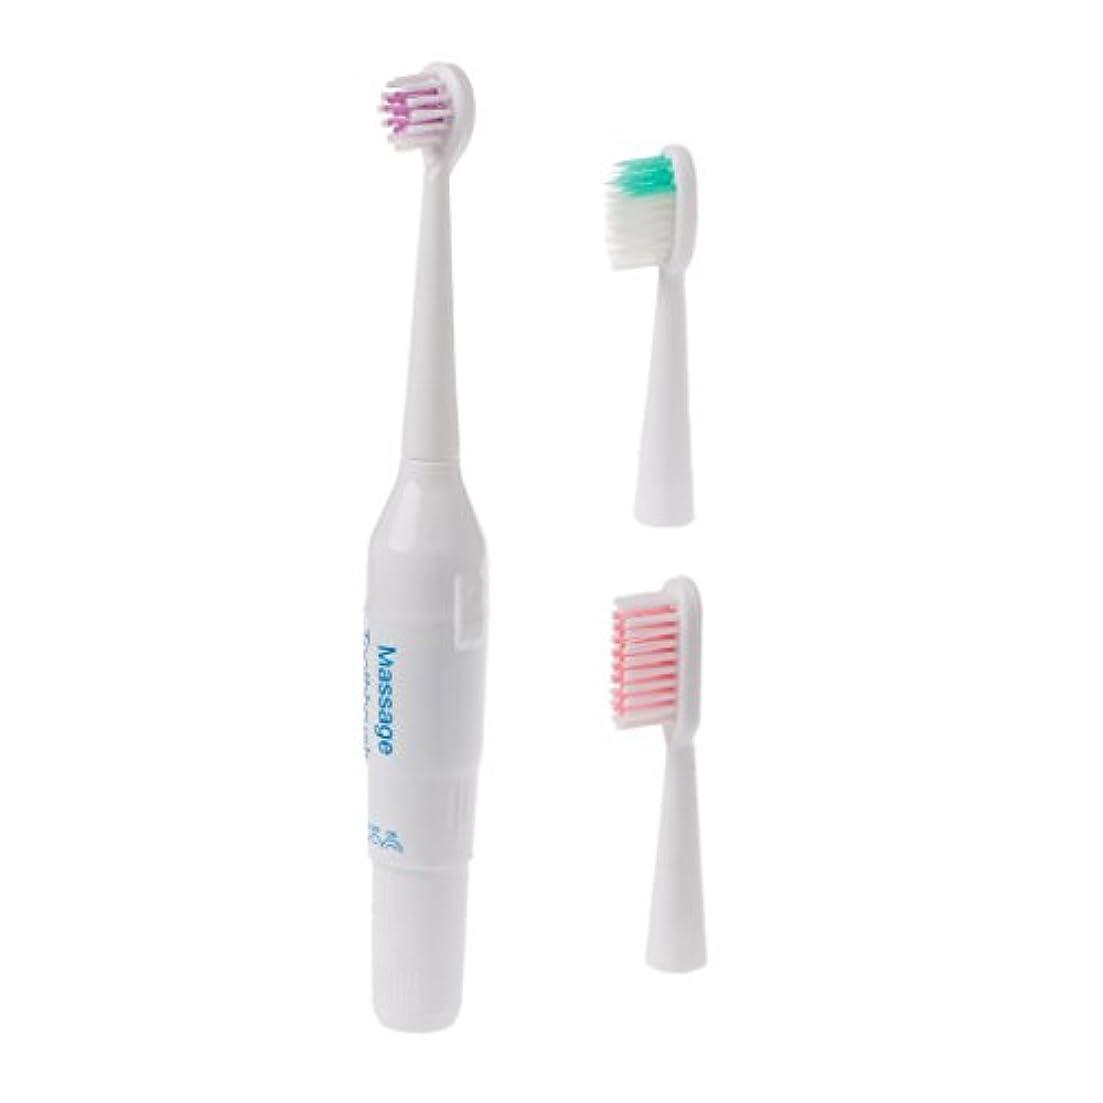 スパーク開梱任命Manyao キッズプロフェッショナル口腔ケアクリーン電気歯ブラシパワーベビー用歯ブラシ